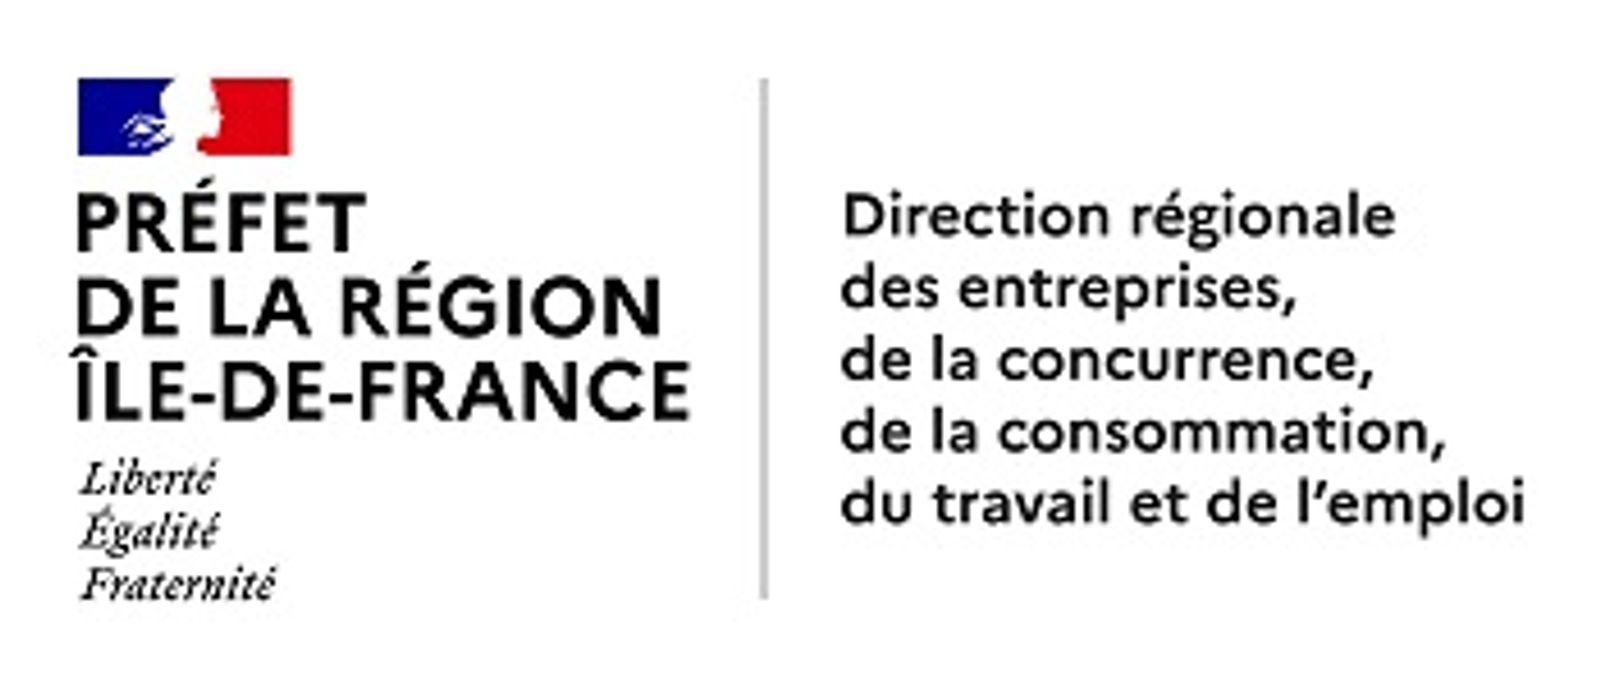 Séminaire Emploi de la Direccte des Yvelines sur l'intégration et l'insertion des réfugiés